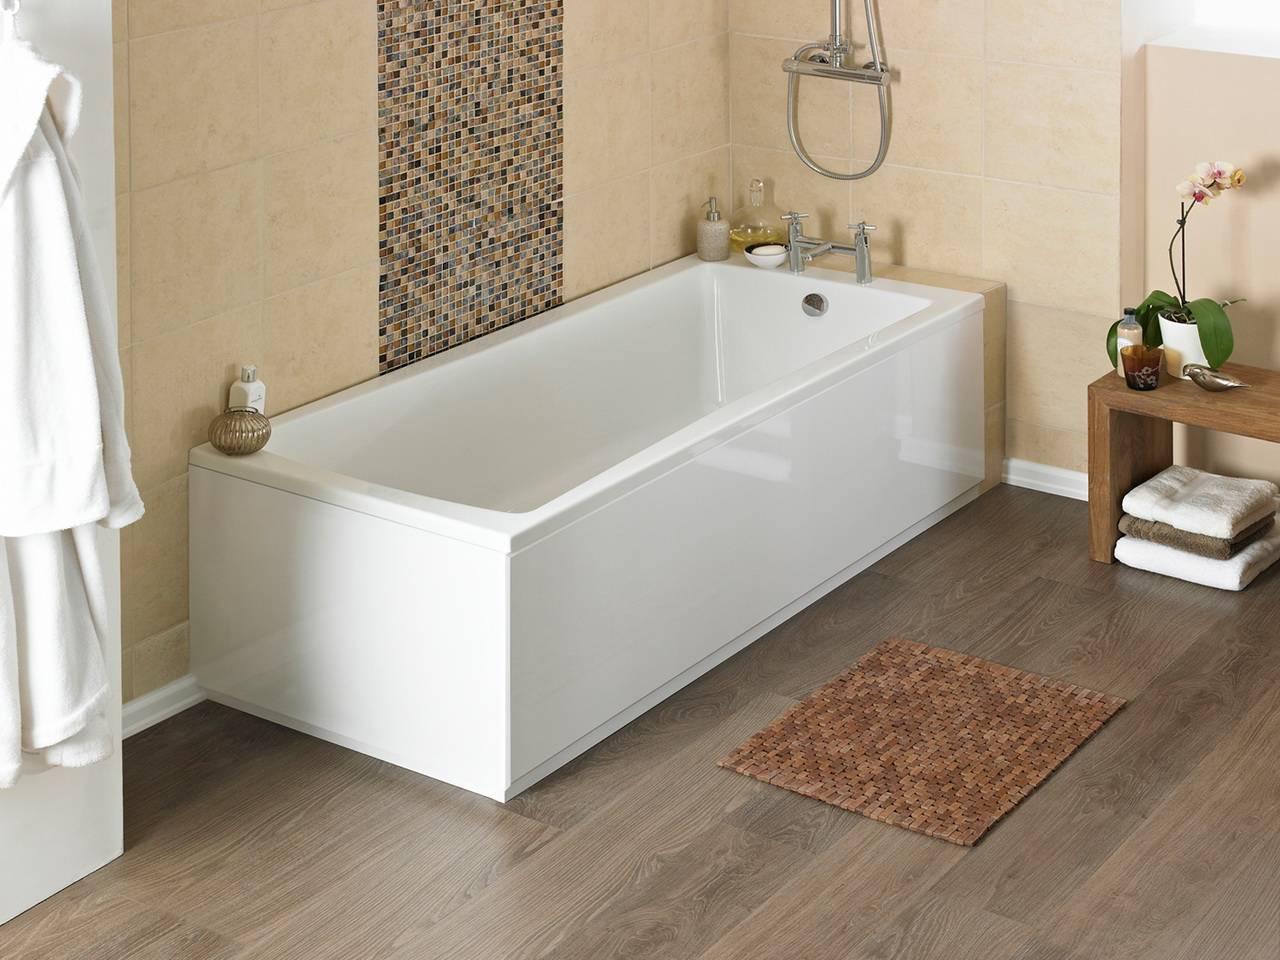 Акриловая ванна: как выбрать лучшего производителя   рейтинг